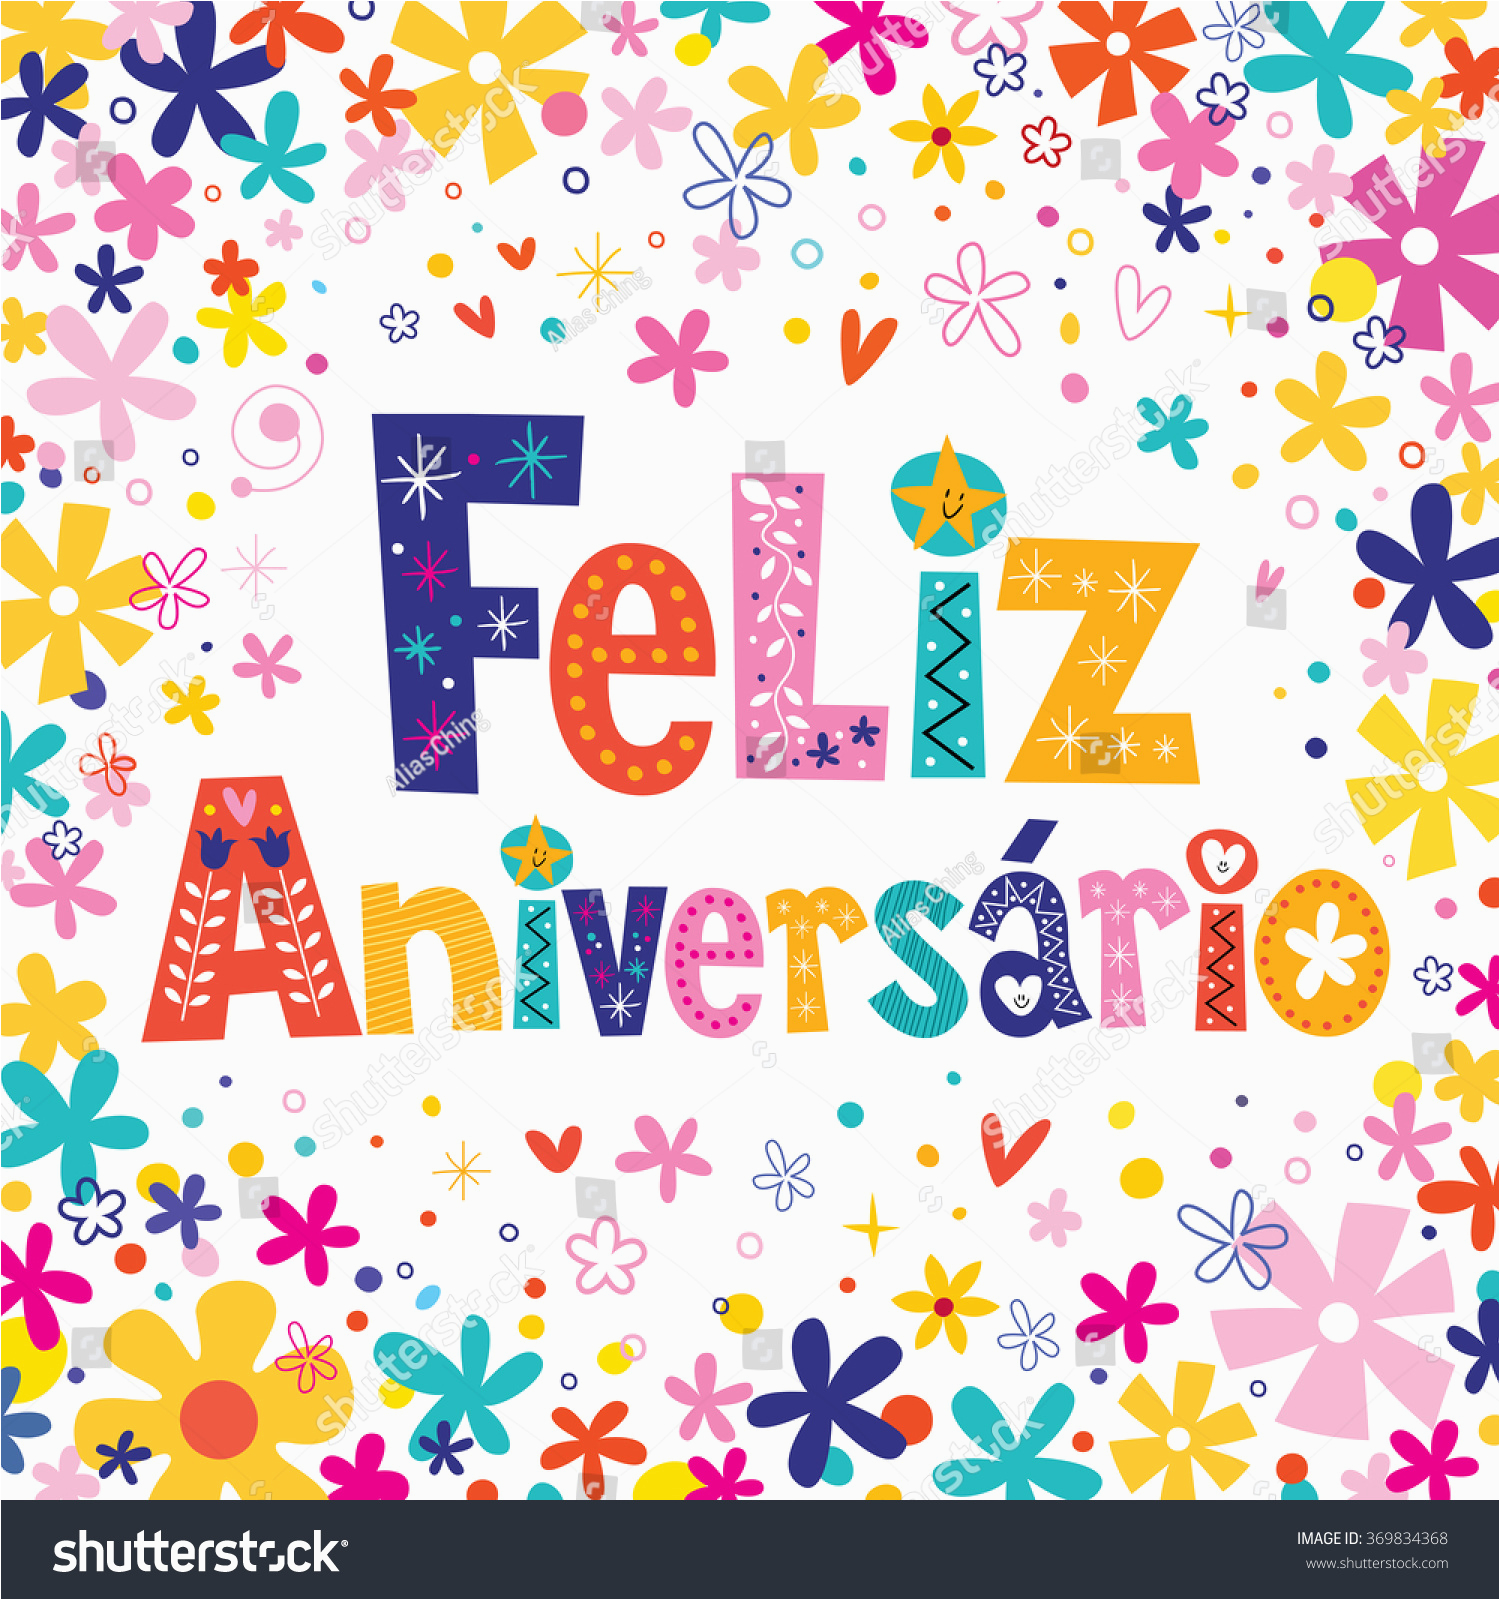 feliz aniversario portuguese happy birthday card 369834368